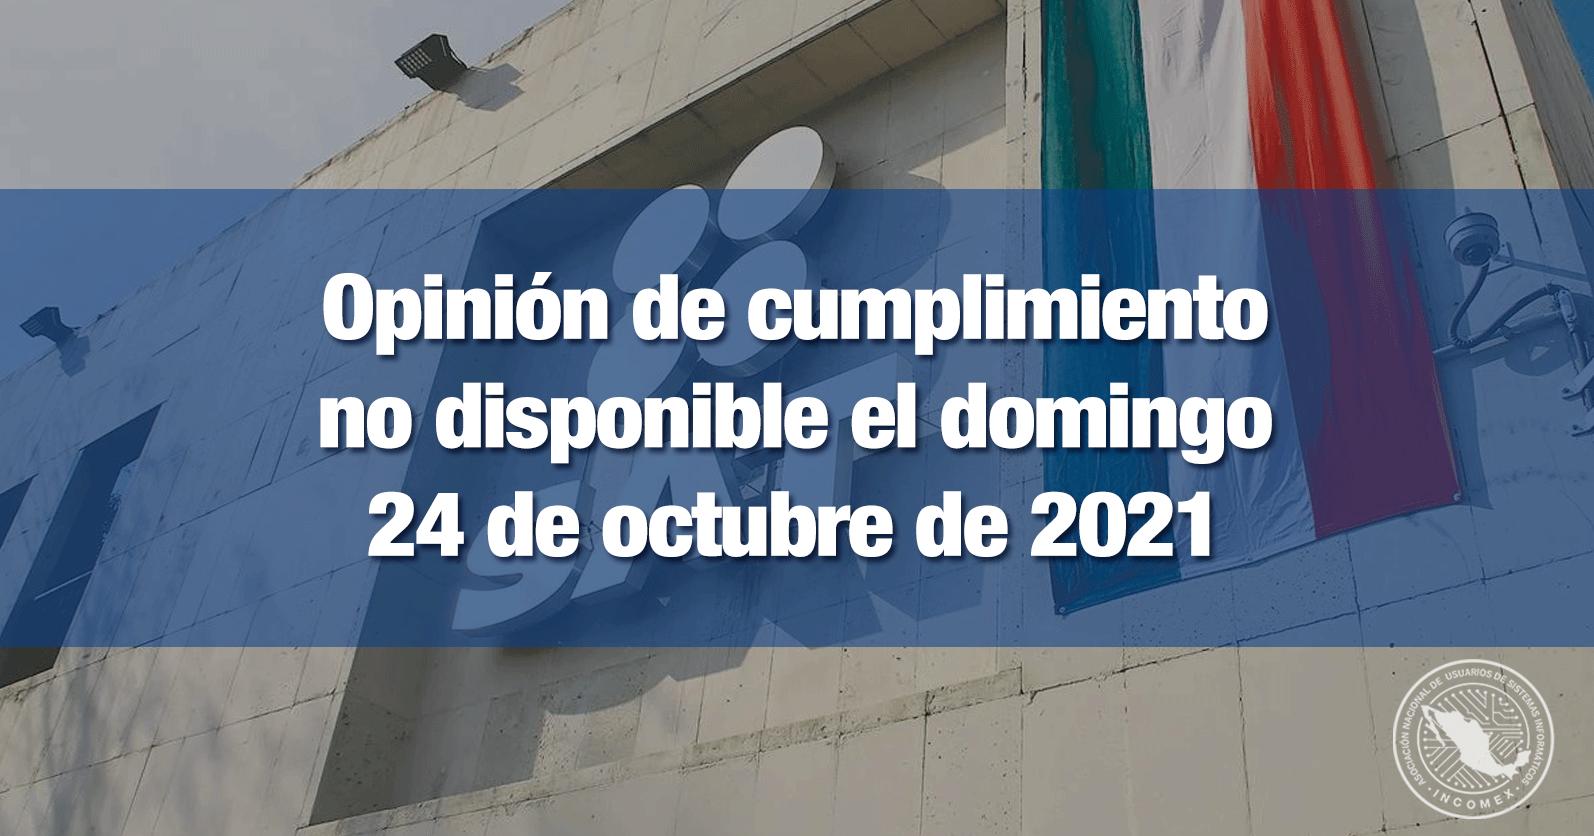 Opinión de cumplimiento no disponible el domingo 24 de octubre de 2021